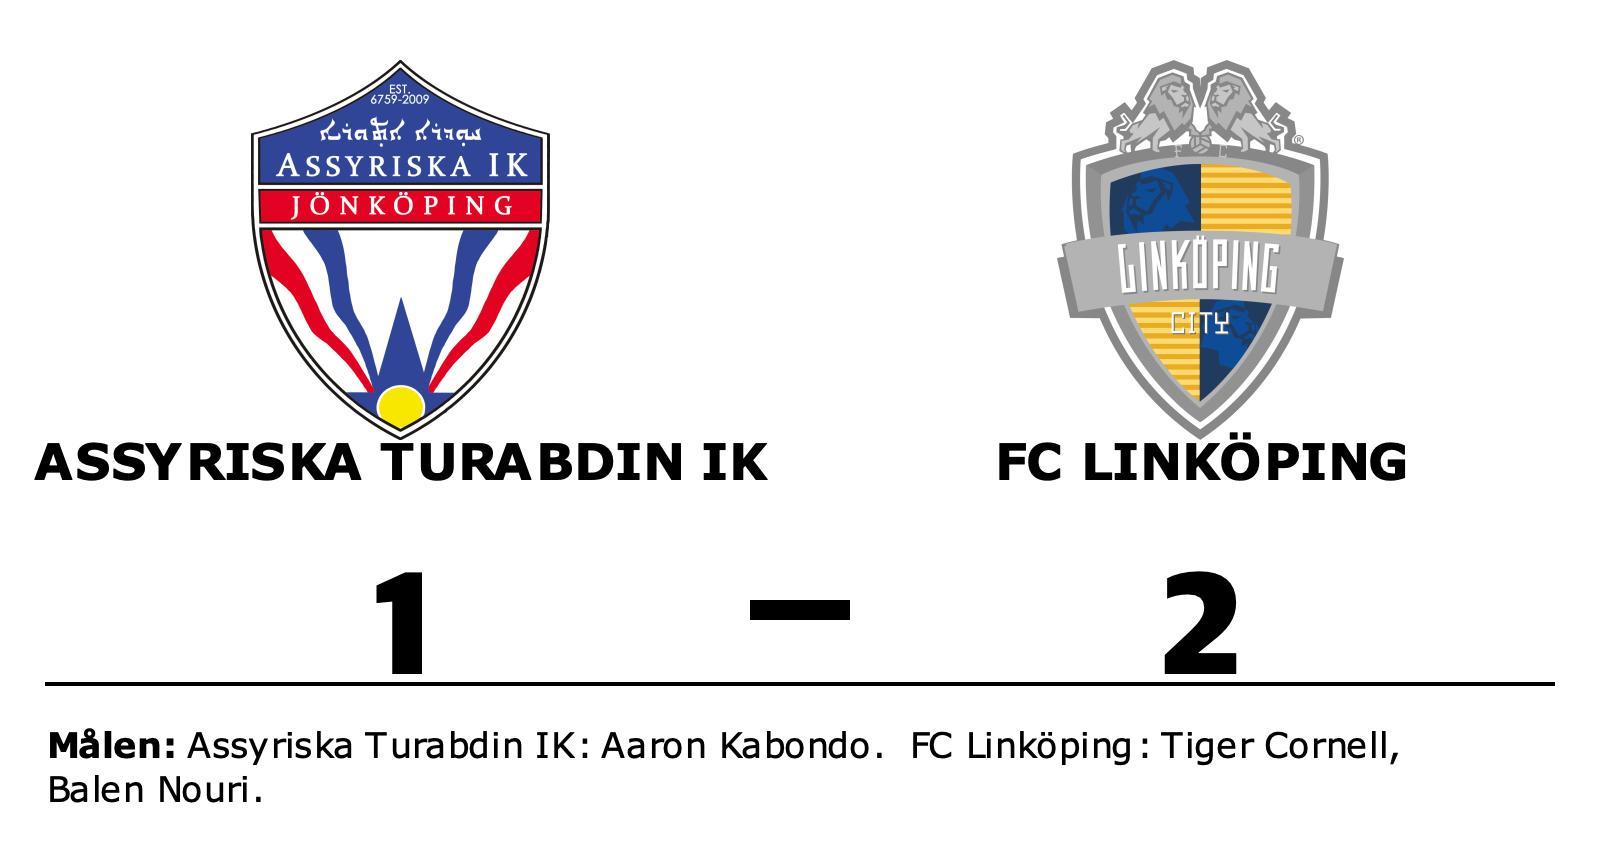 2-1 mot Assyriska Turabdin IK innebär första segern för FC Linköping